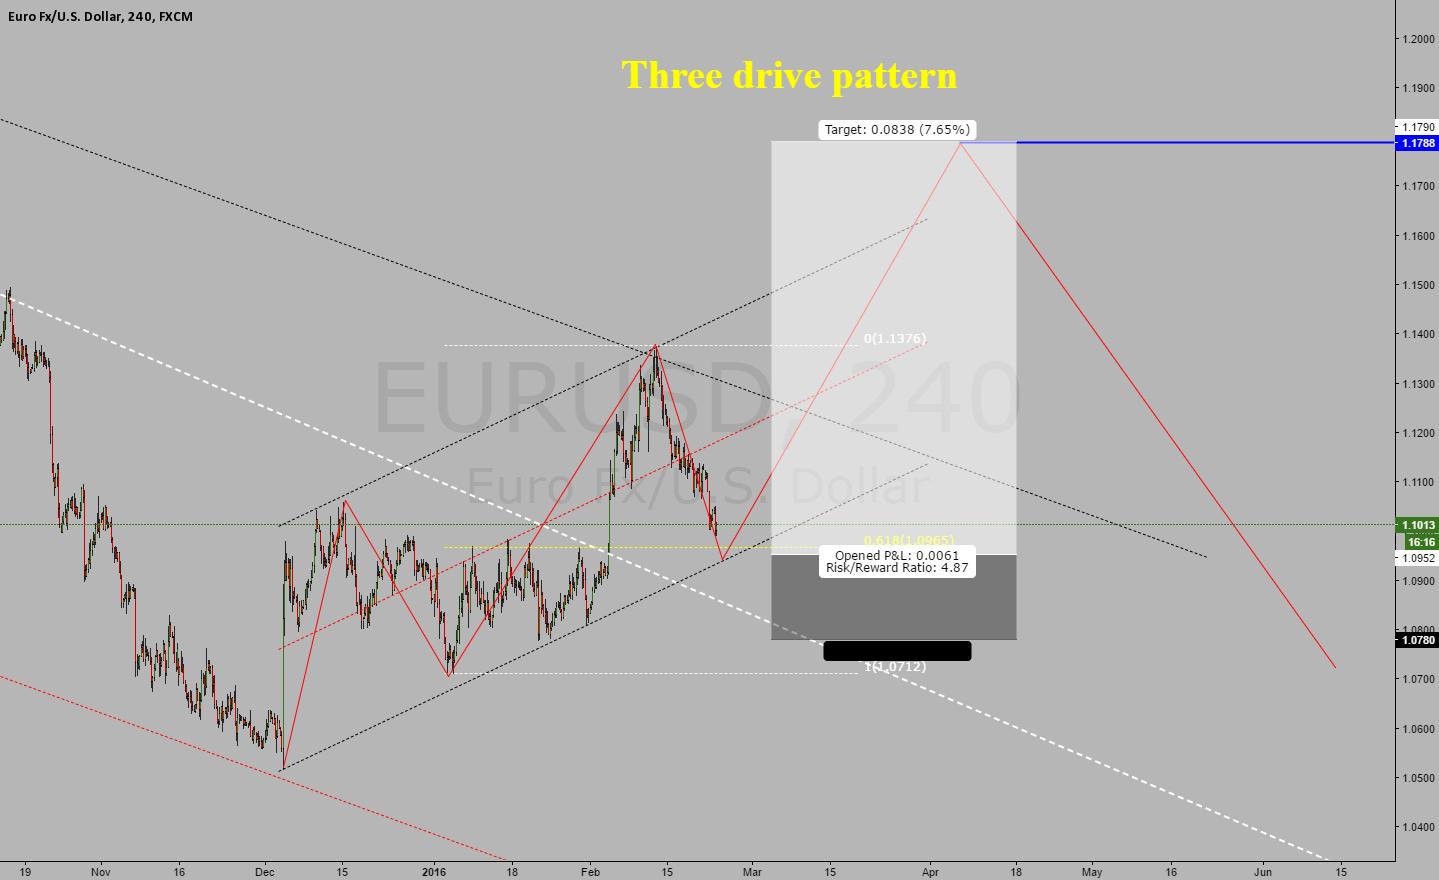 eurusd, possible three drive pattern